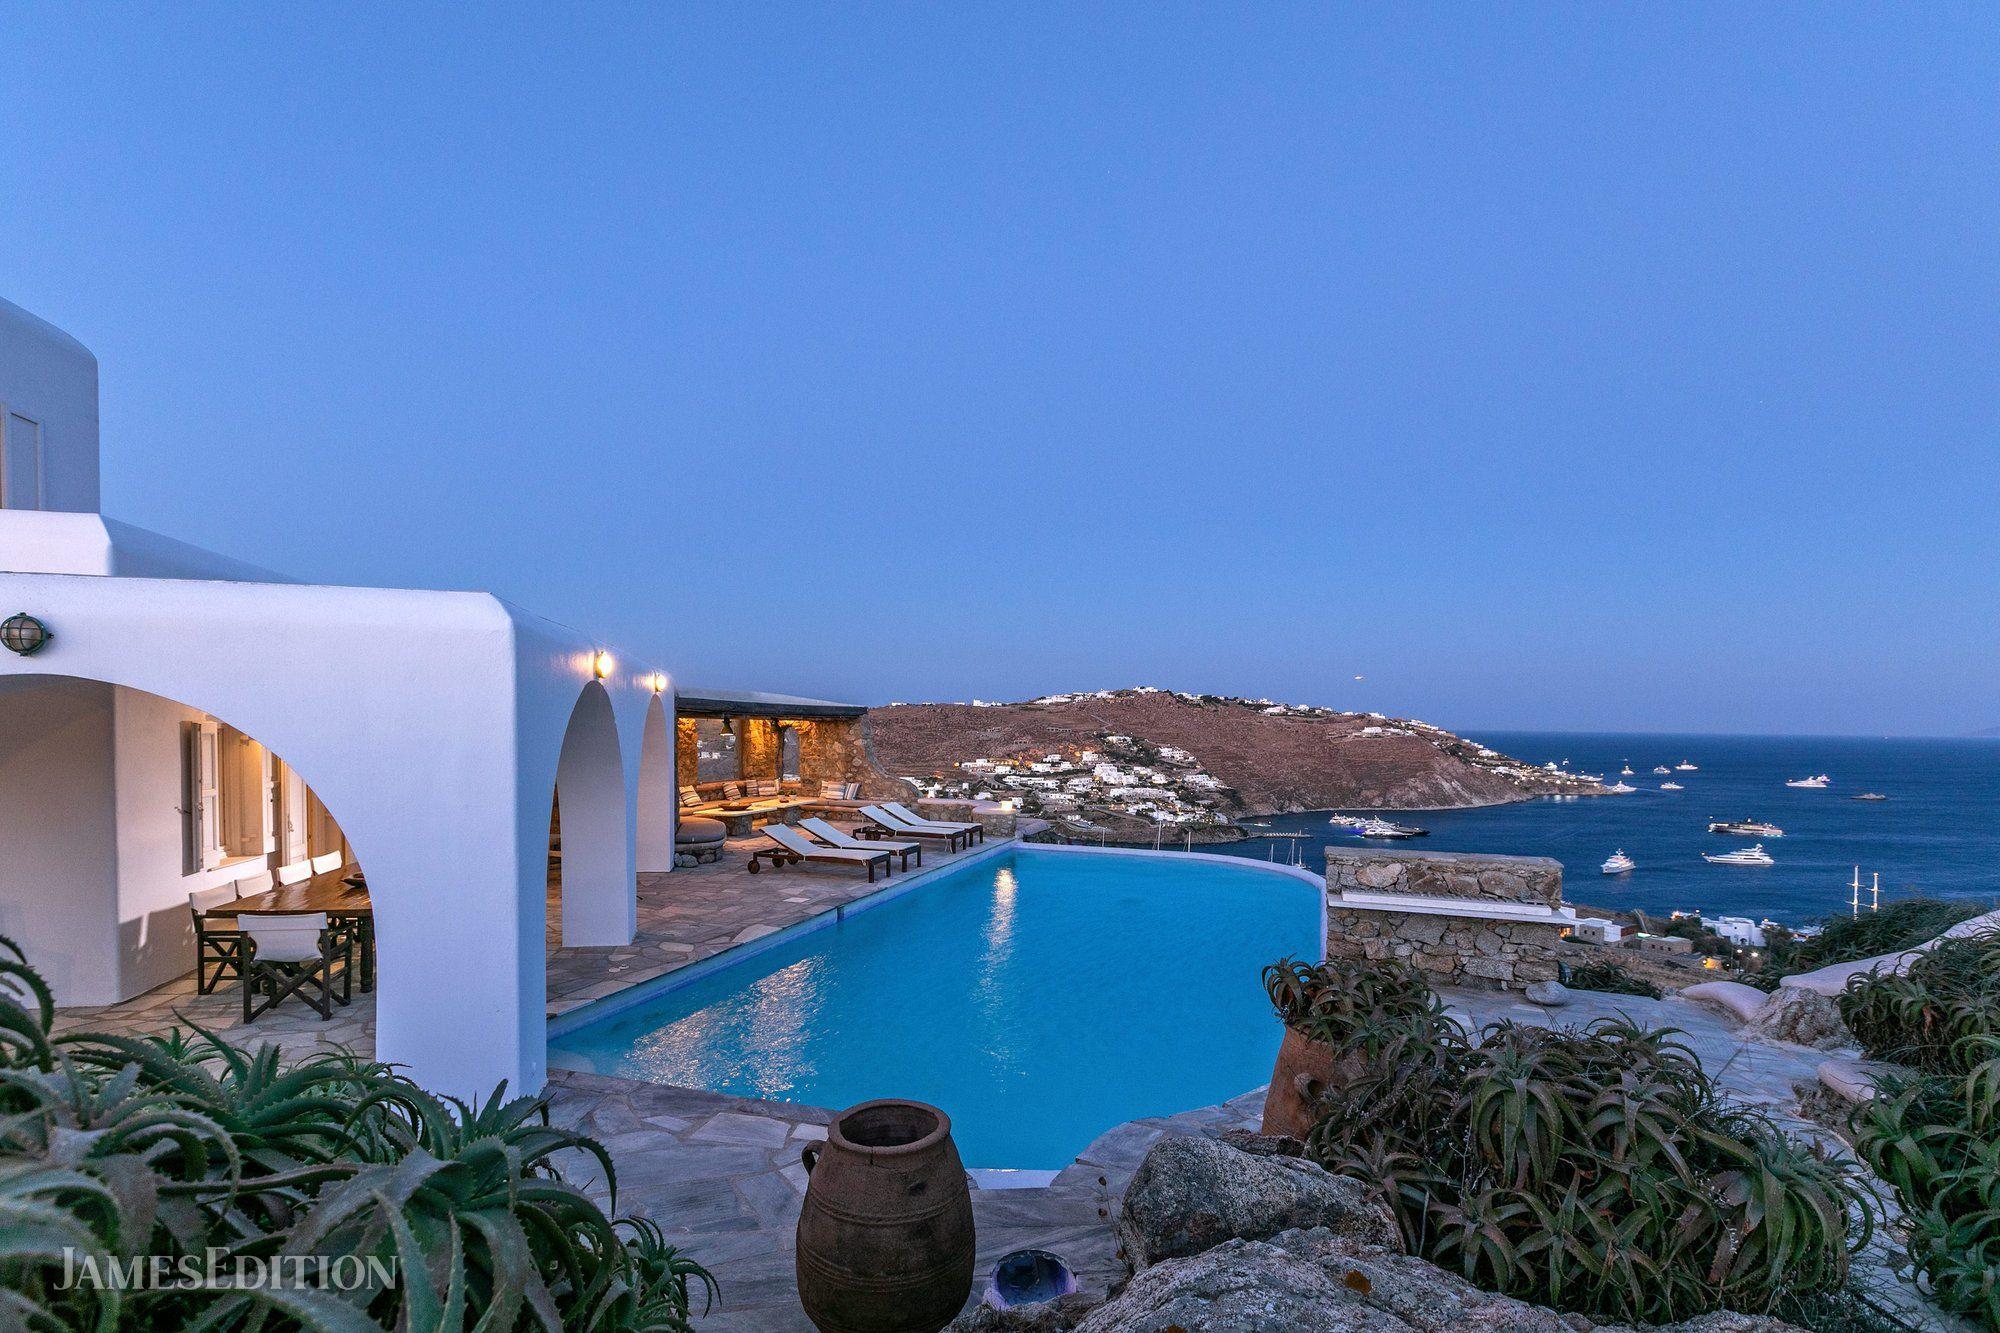 House in Agios Ioannis Diakoftis, Greece 1